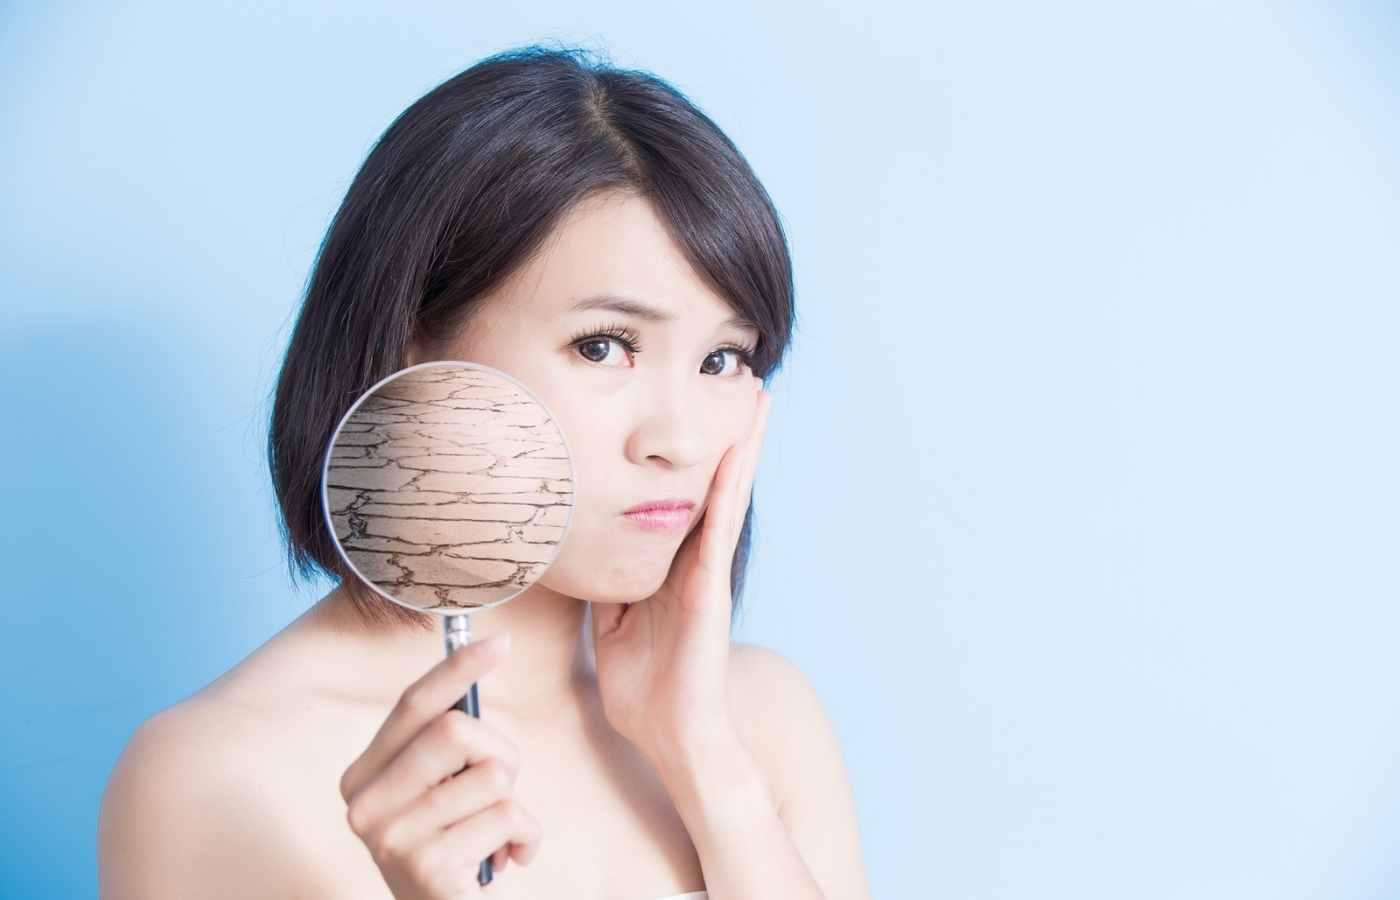 Сухість шкіри викликана сухим повітрям в приміщенні